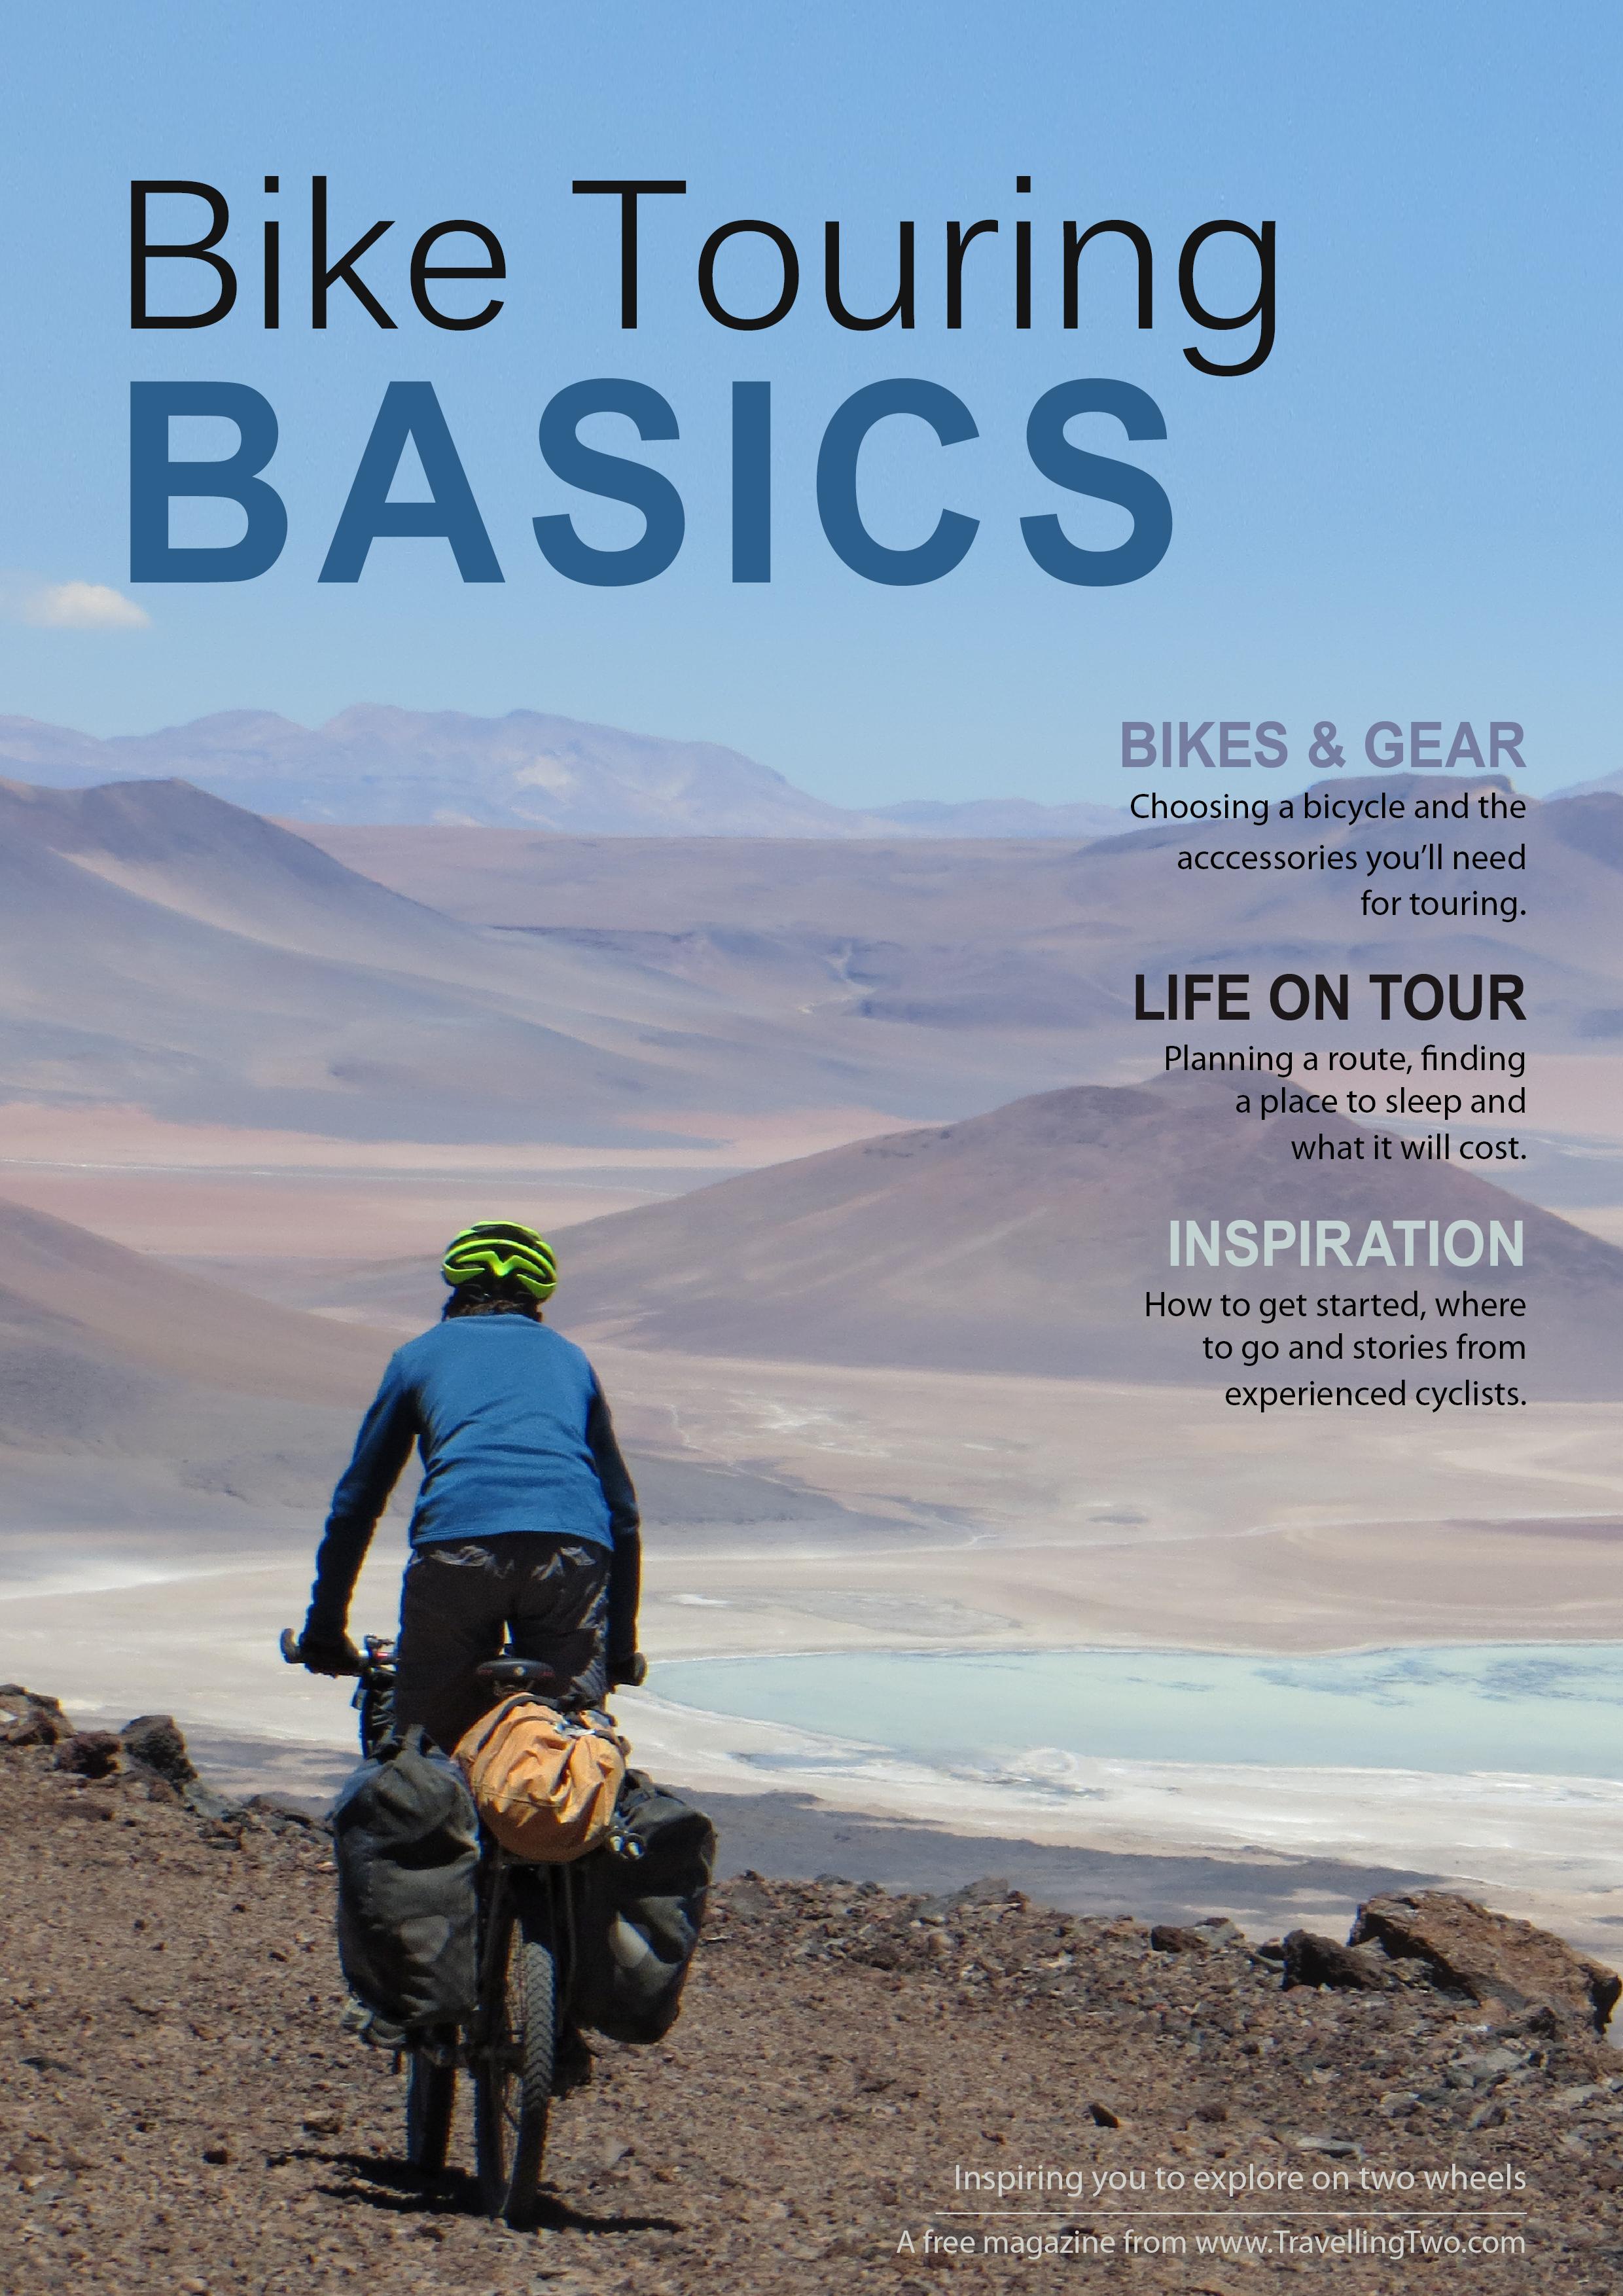 Bike Touring Basics Magazine hi-res